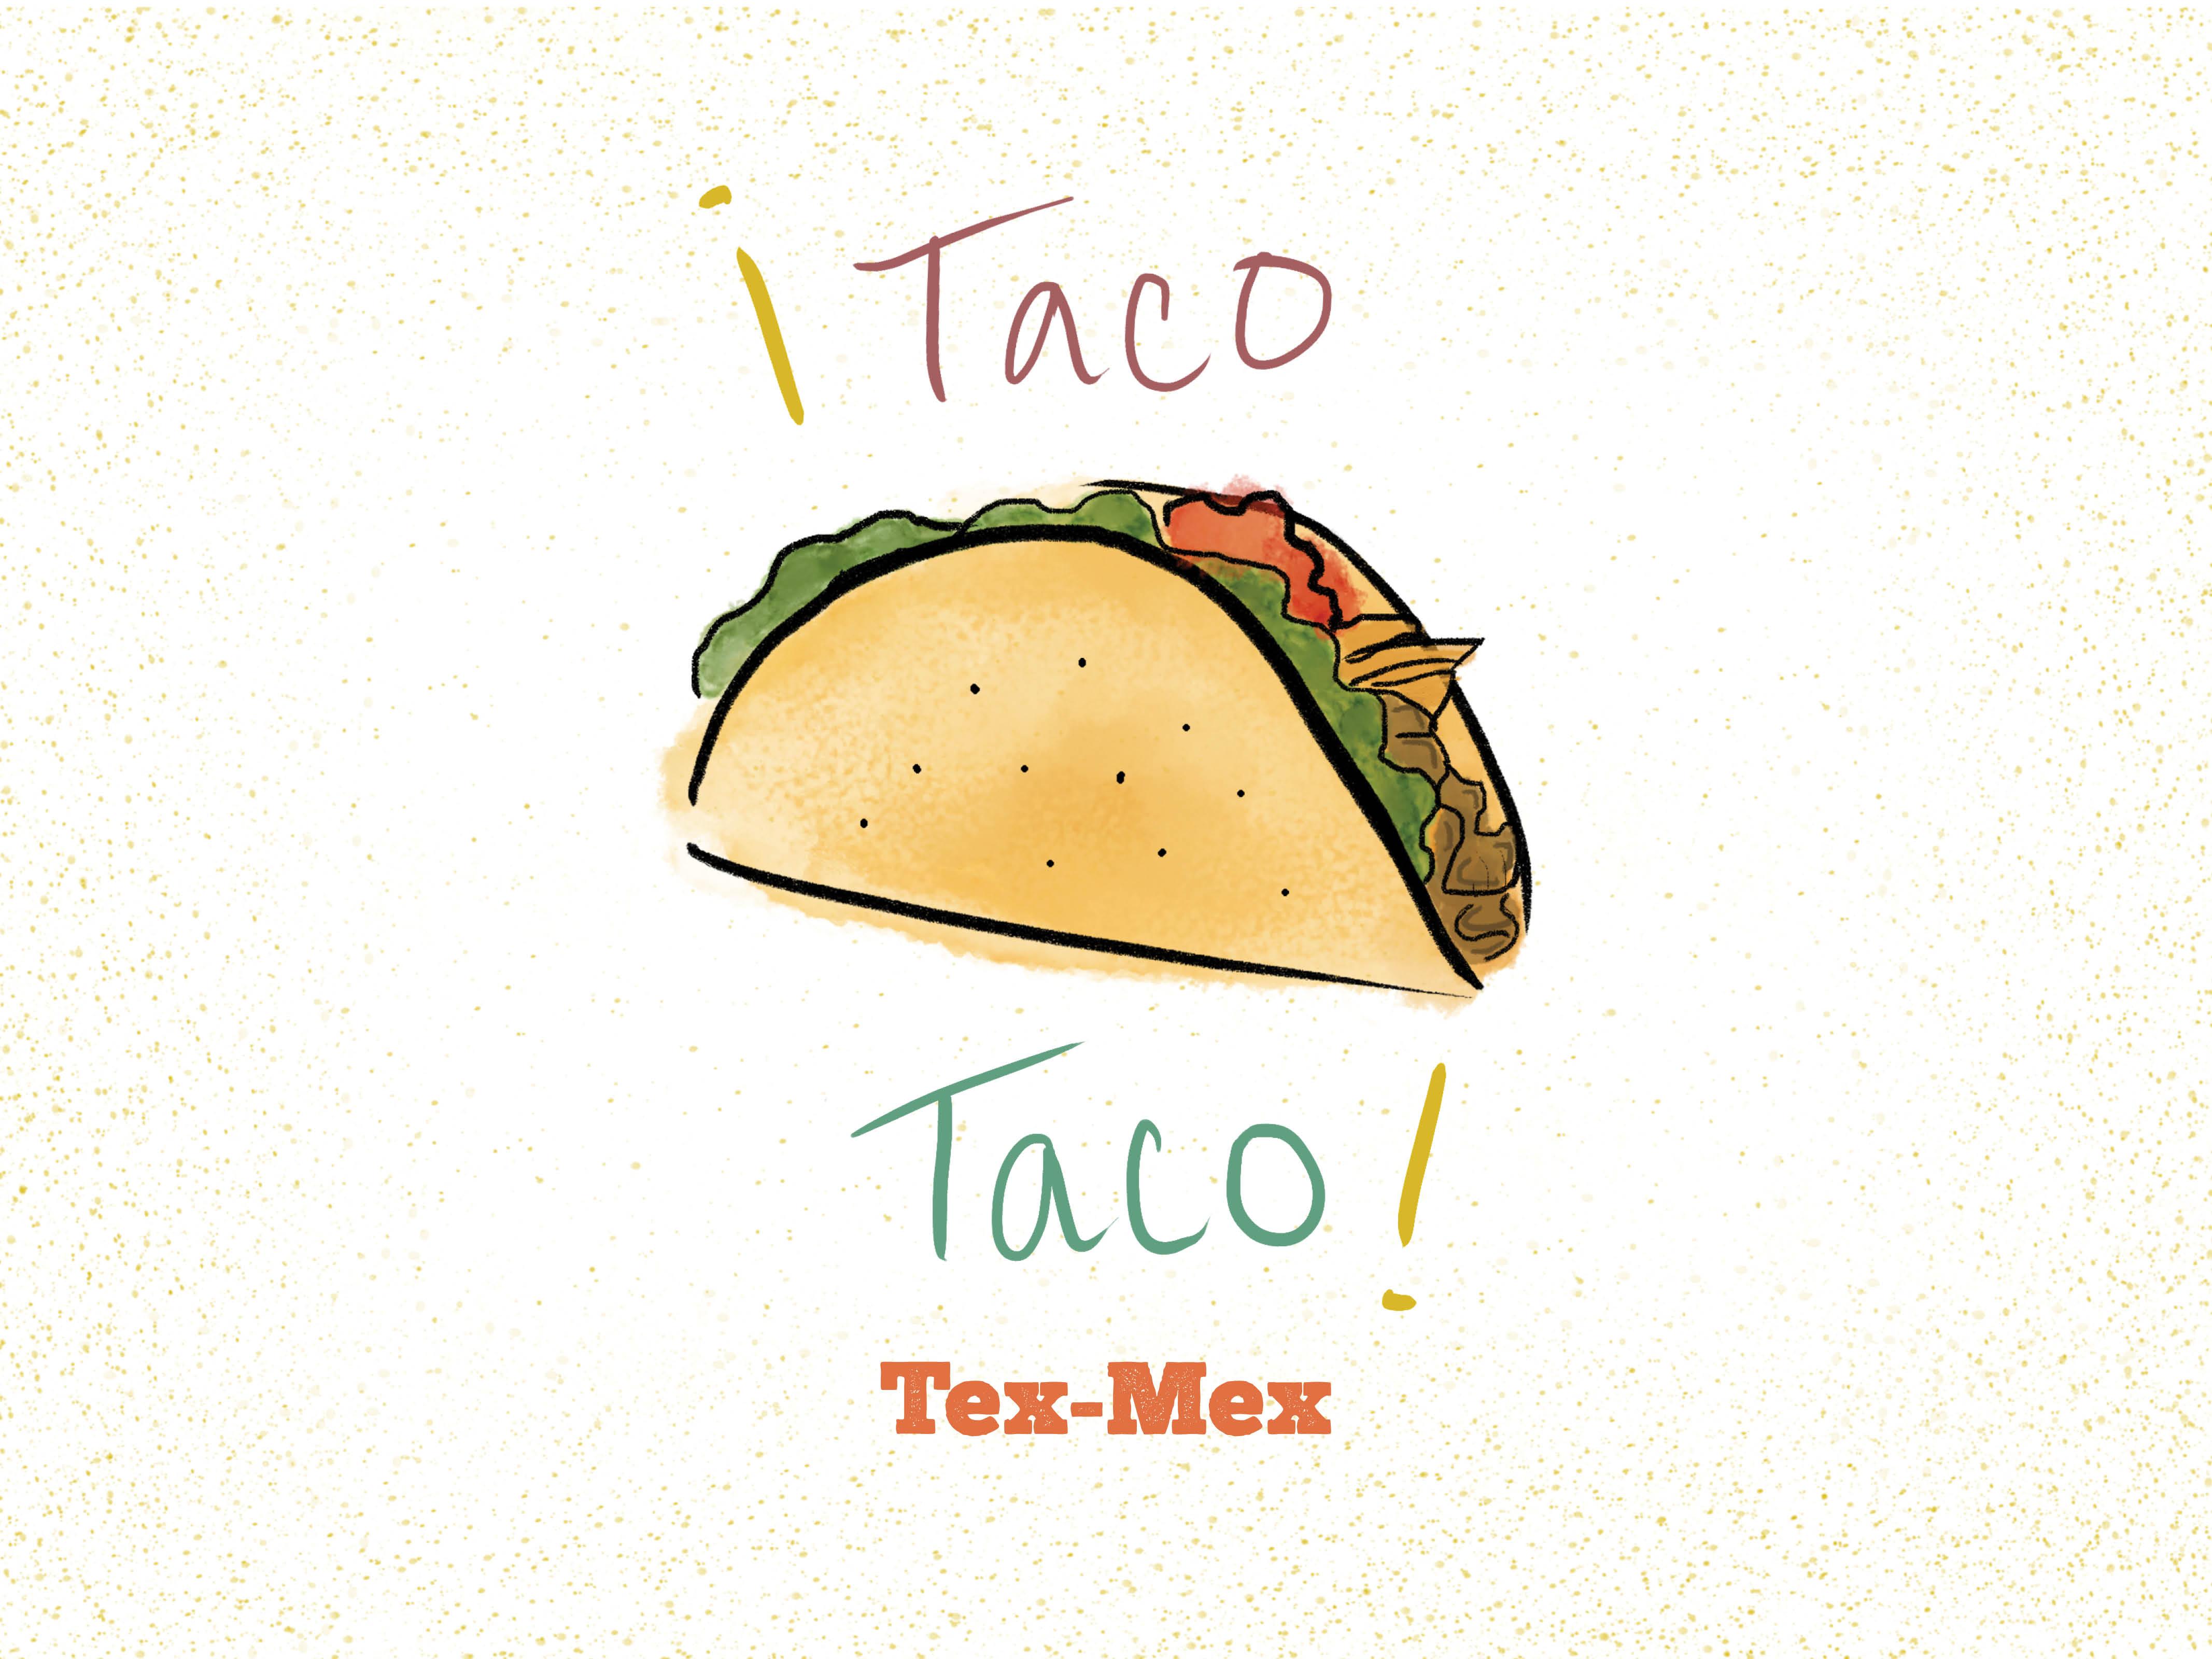 Drawn taco tex mex Tex Tex  S) Taco!